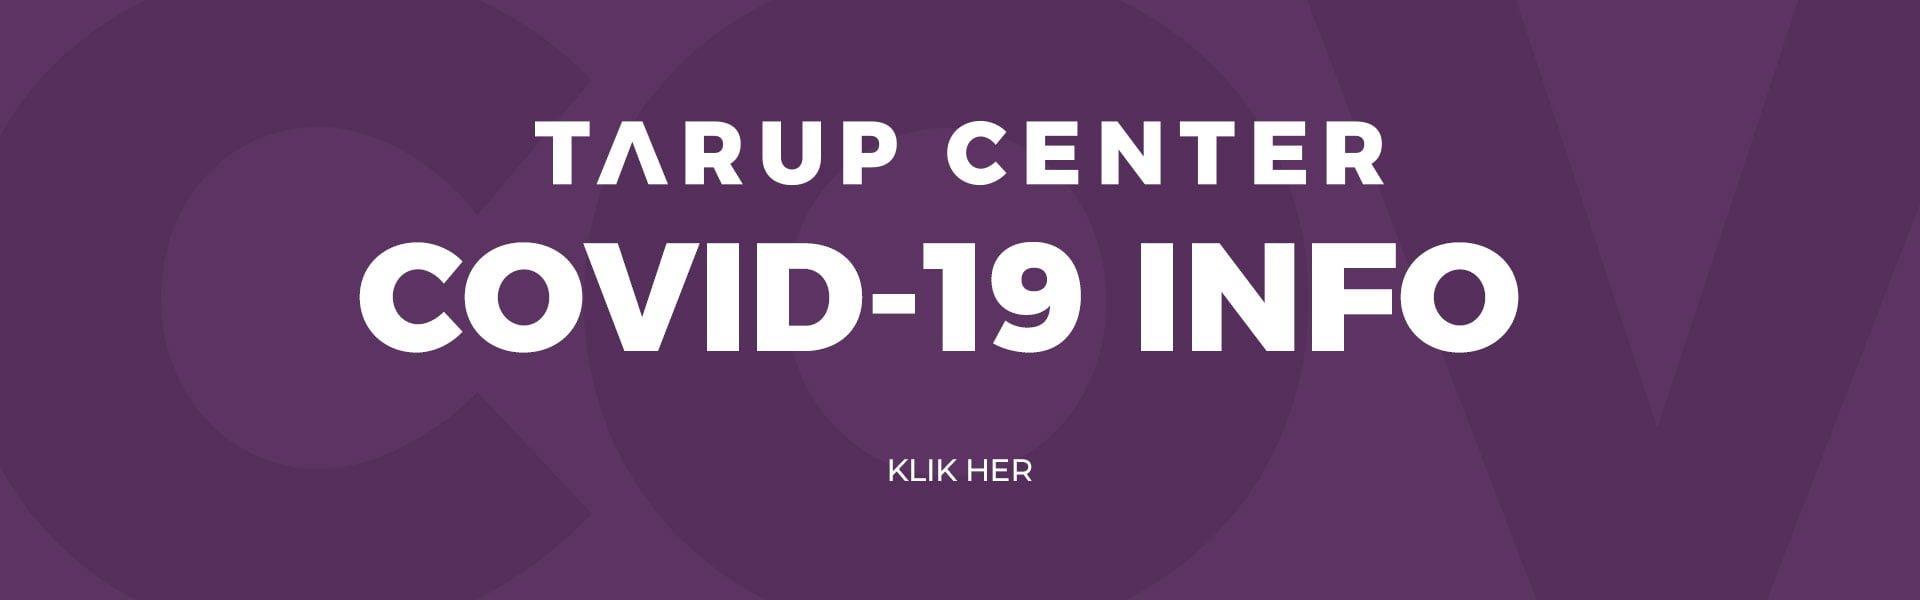 Tarup Center Covid-19